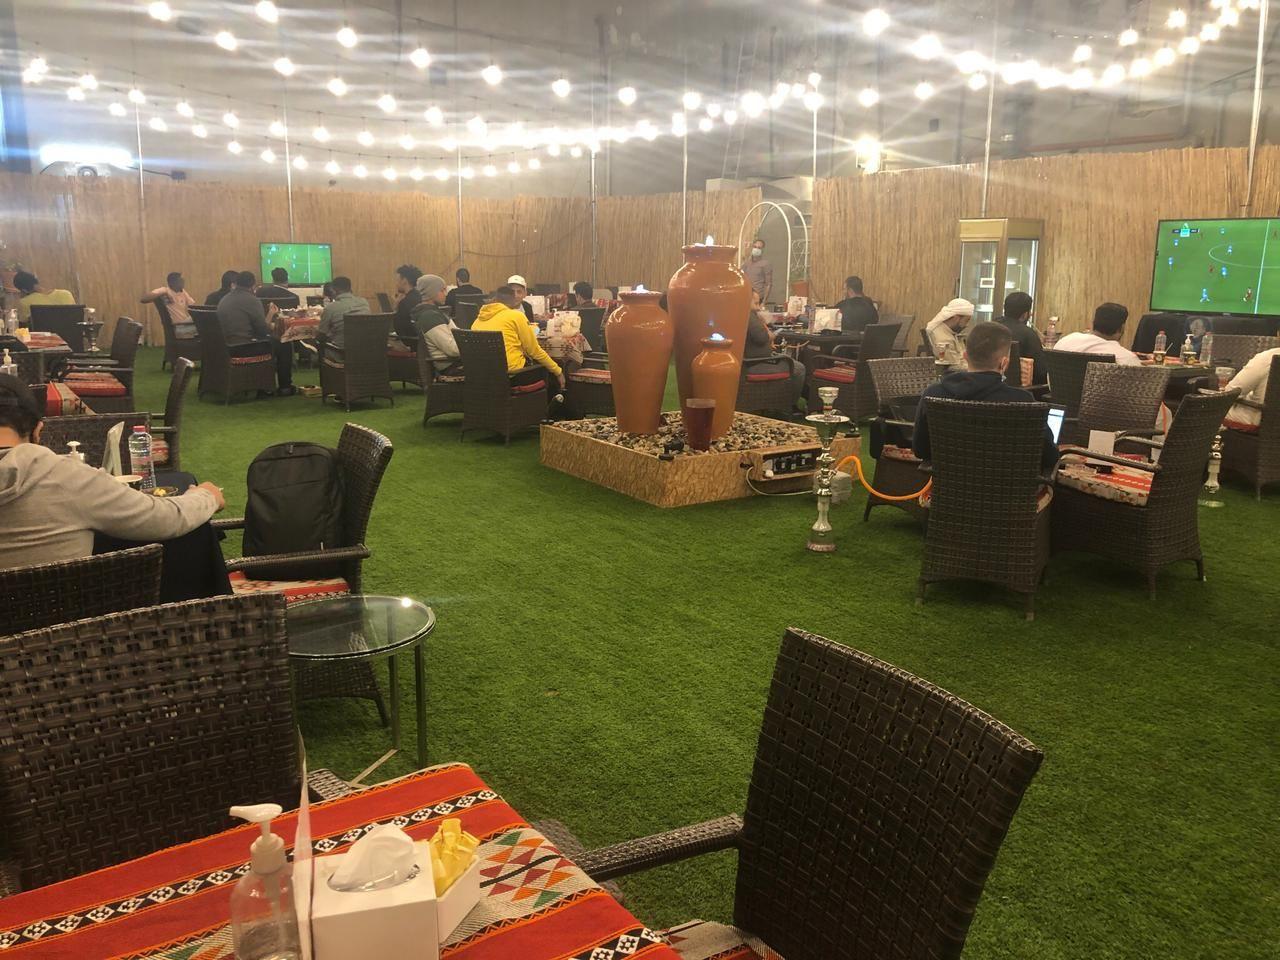 مقهي للبيع في عجمان 5